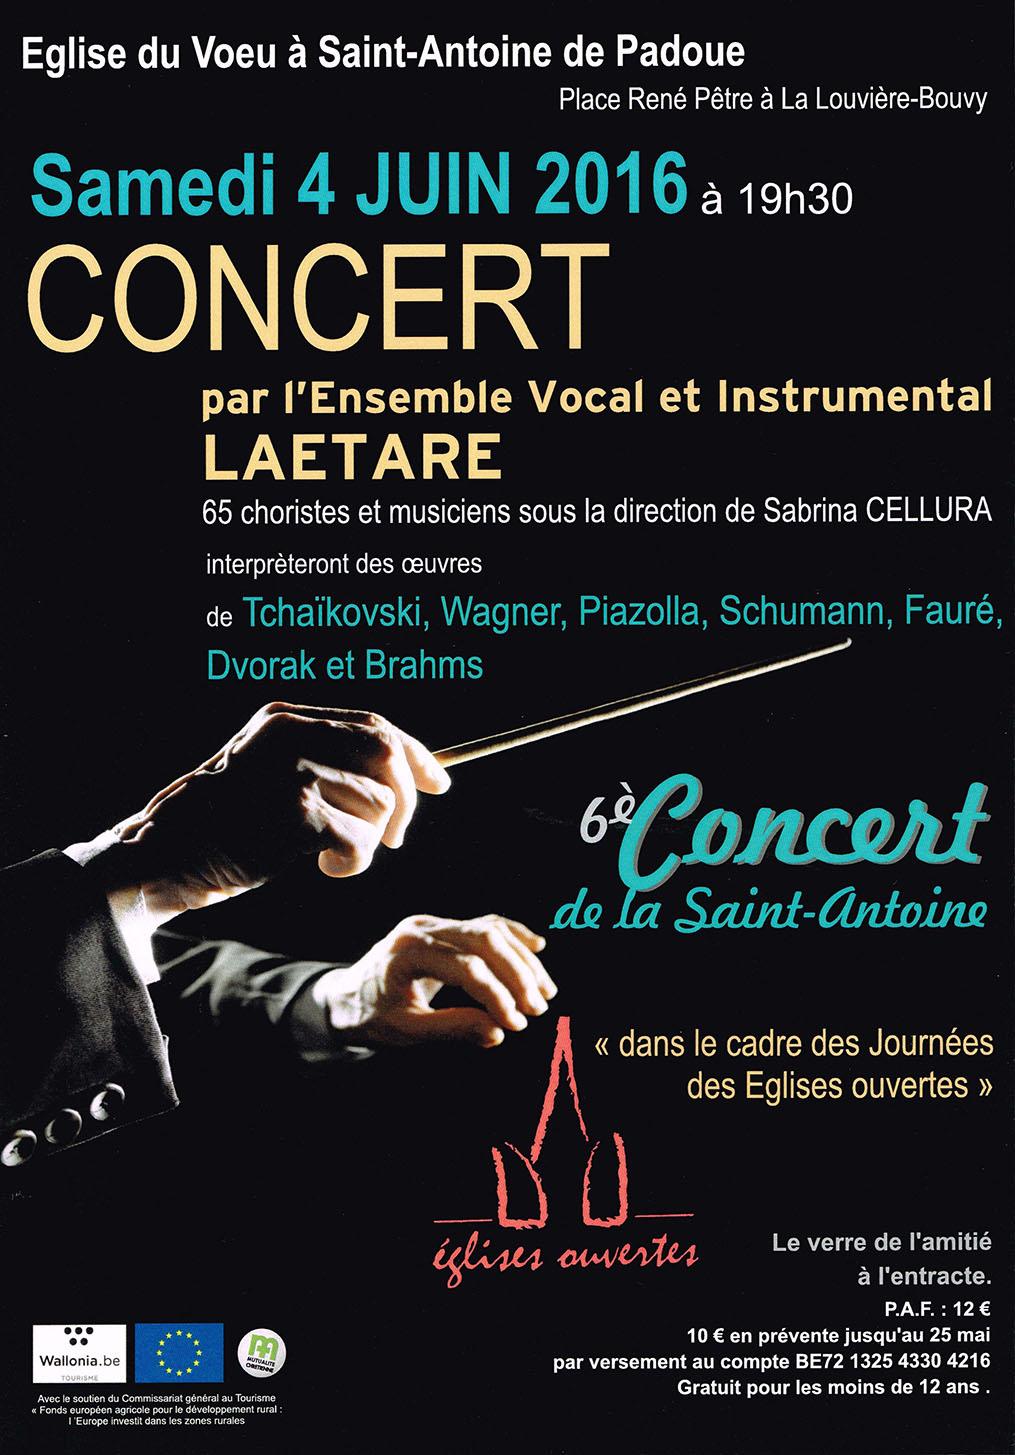 2016-06-04_Concert_Saint-Antoine-petit